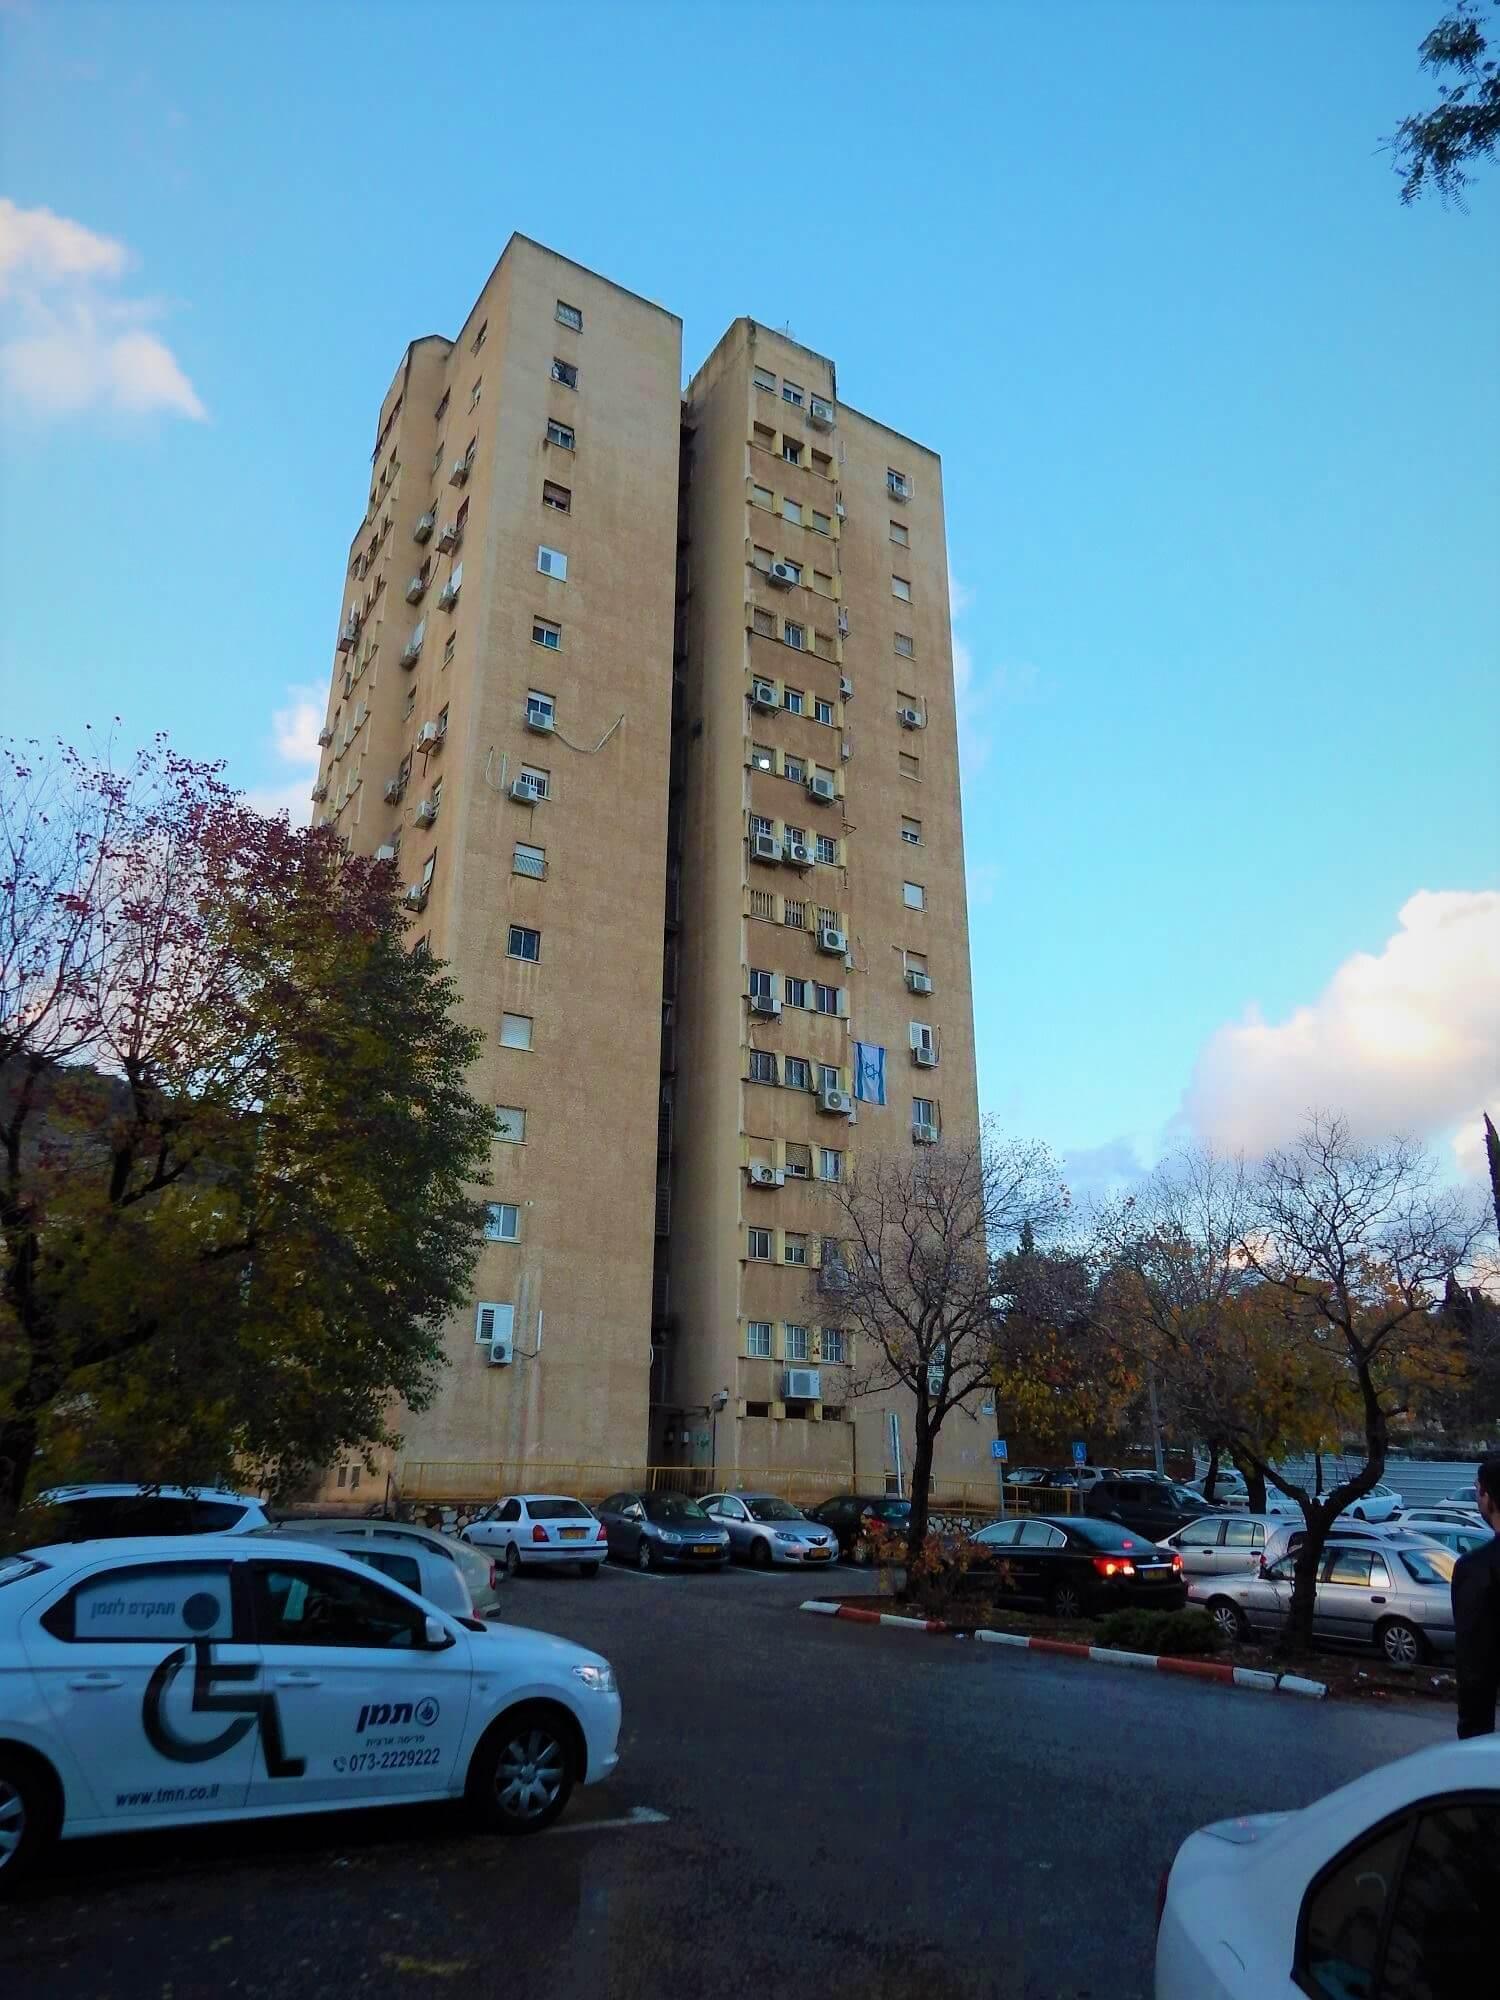 הדמיה לבניין רב קומות לפני